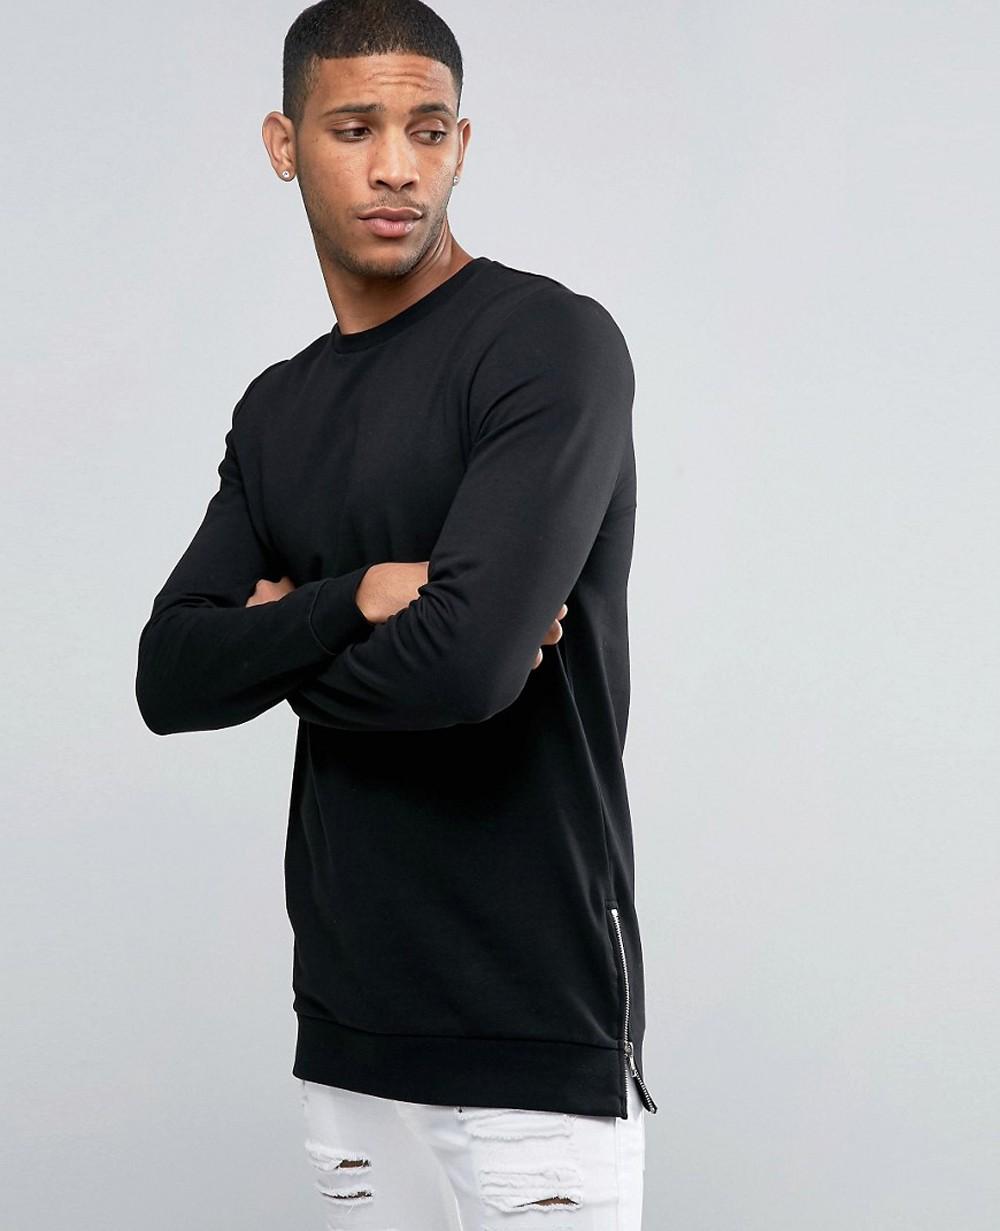 fffb85b8 Longline Muscle Fit Sweatshirt With Side Zips In Black